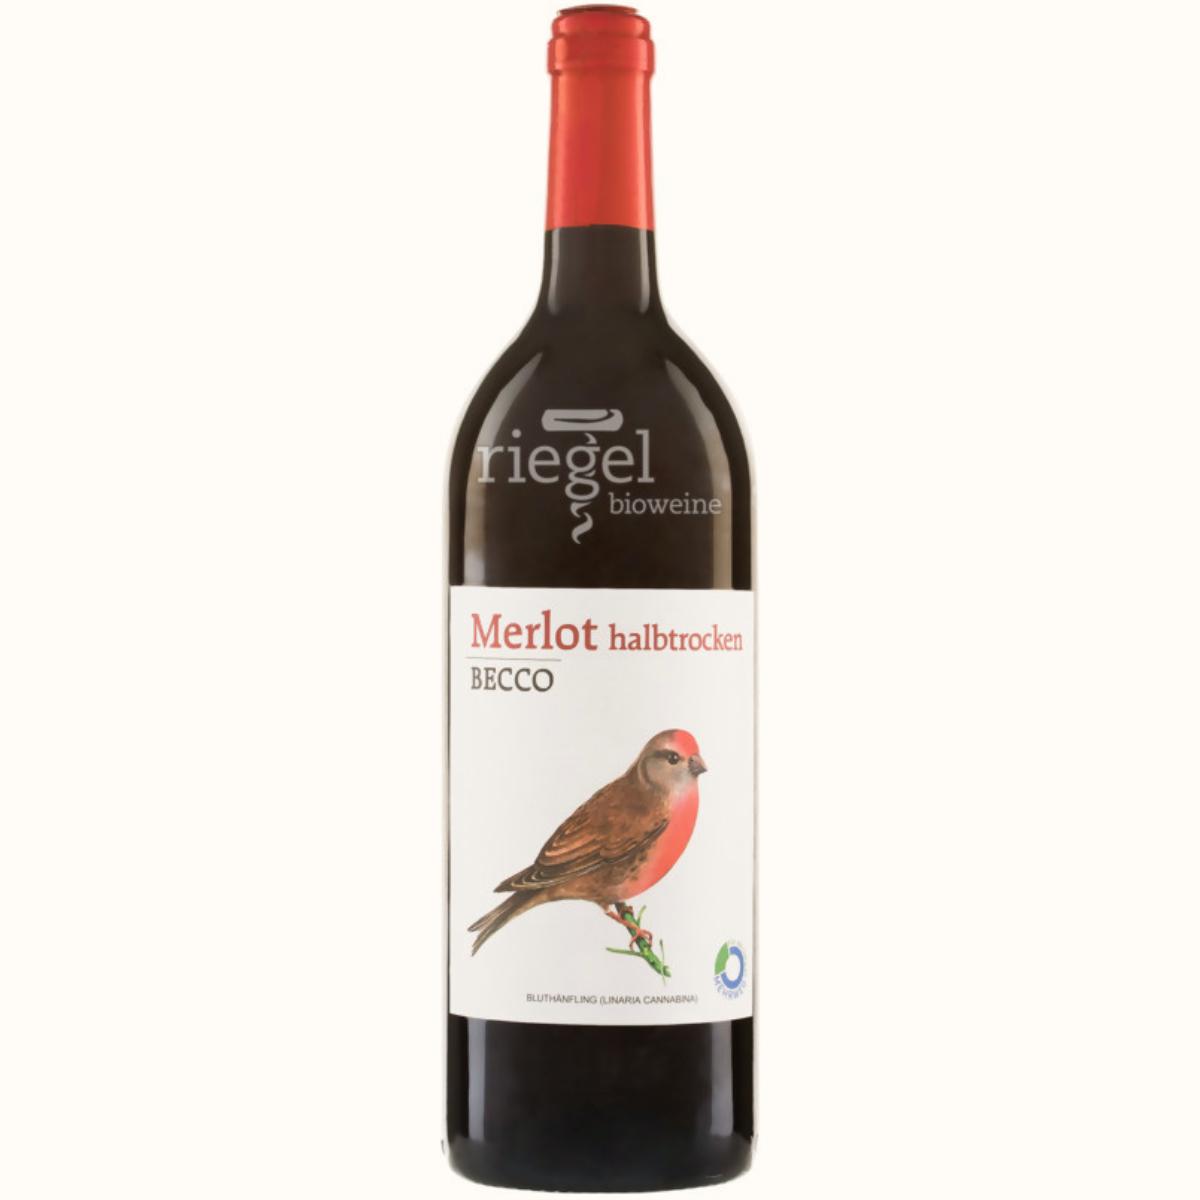 Becco Merlot, Biowein, Riegel Biowein, Wein kaufen